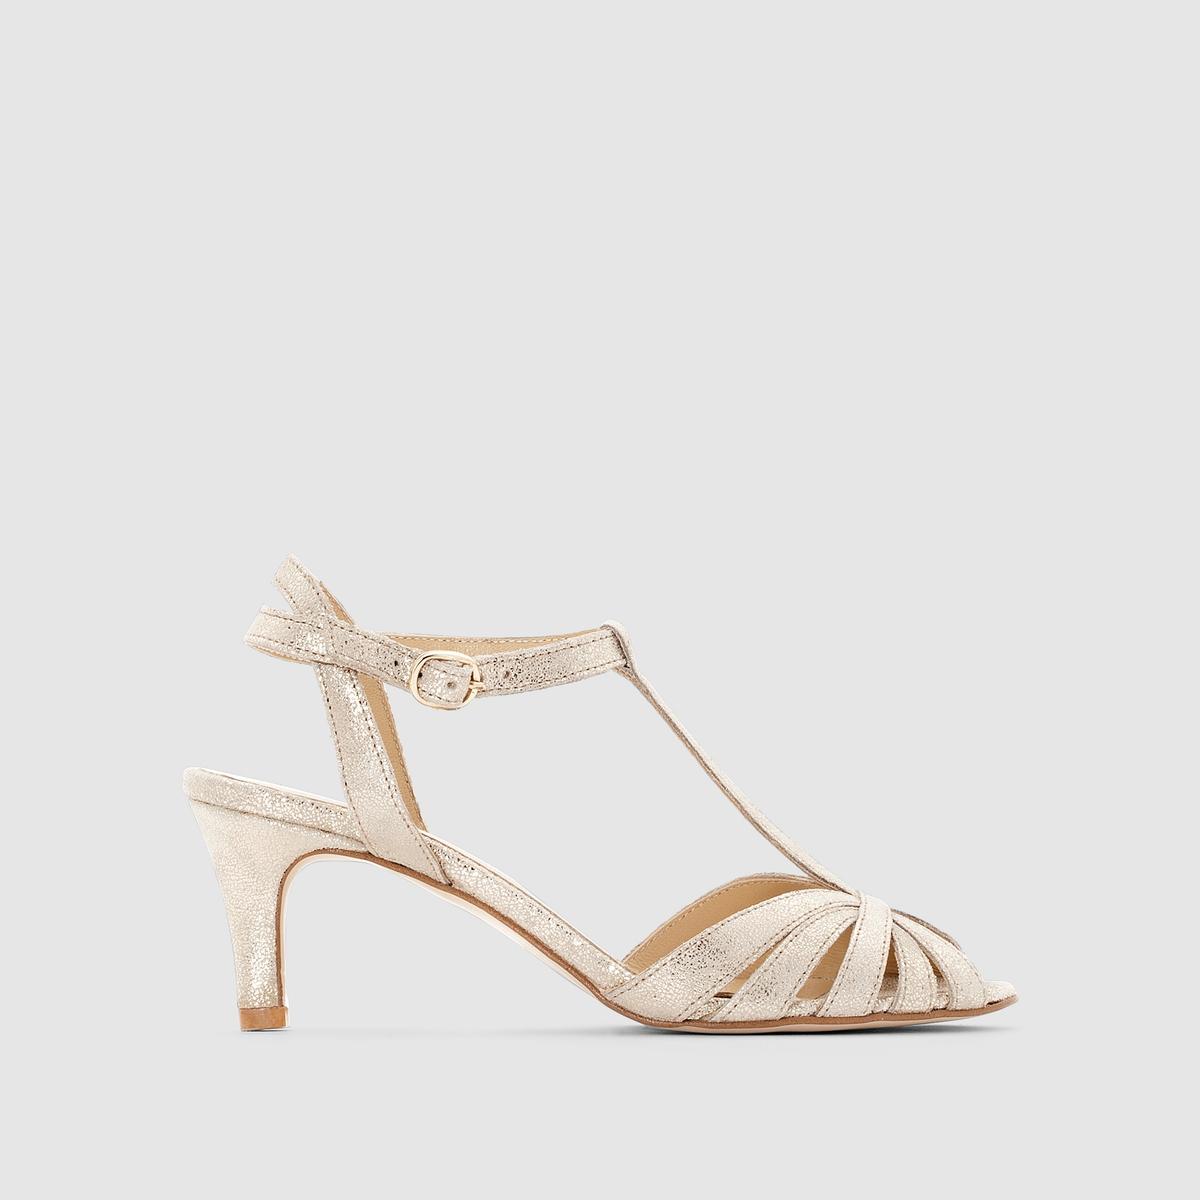 Босоножки из неотделанной велюровой кожи на каблуках JONAKПреимущества: не нужно искать, перед вами босоножки на каблуках из велюровой кожи, которые не оставят вас безразличными благодаря своей боковой пряжке и каблуку необходимой длины для сохранения легендарного комфорта от JONAK.<br><br>Цвет: золотистый<br>Размер: 36